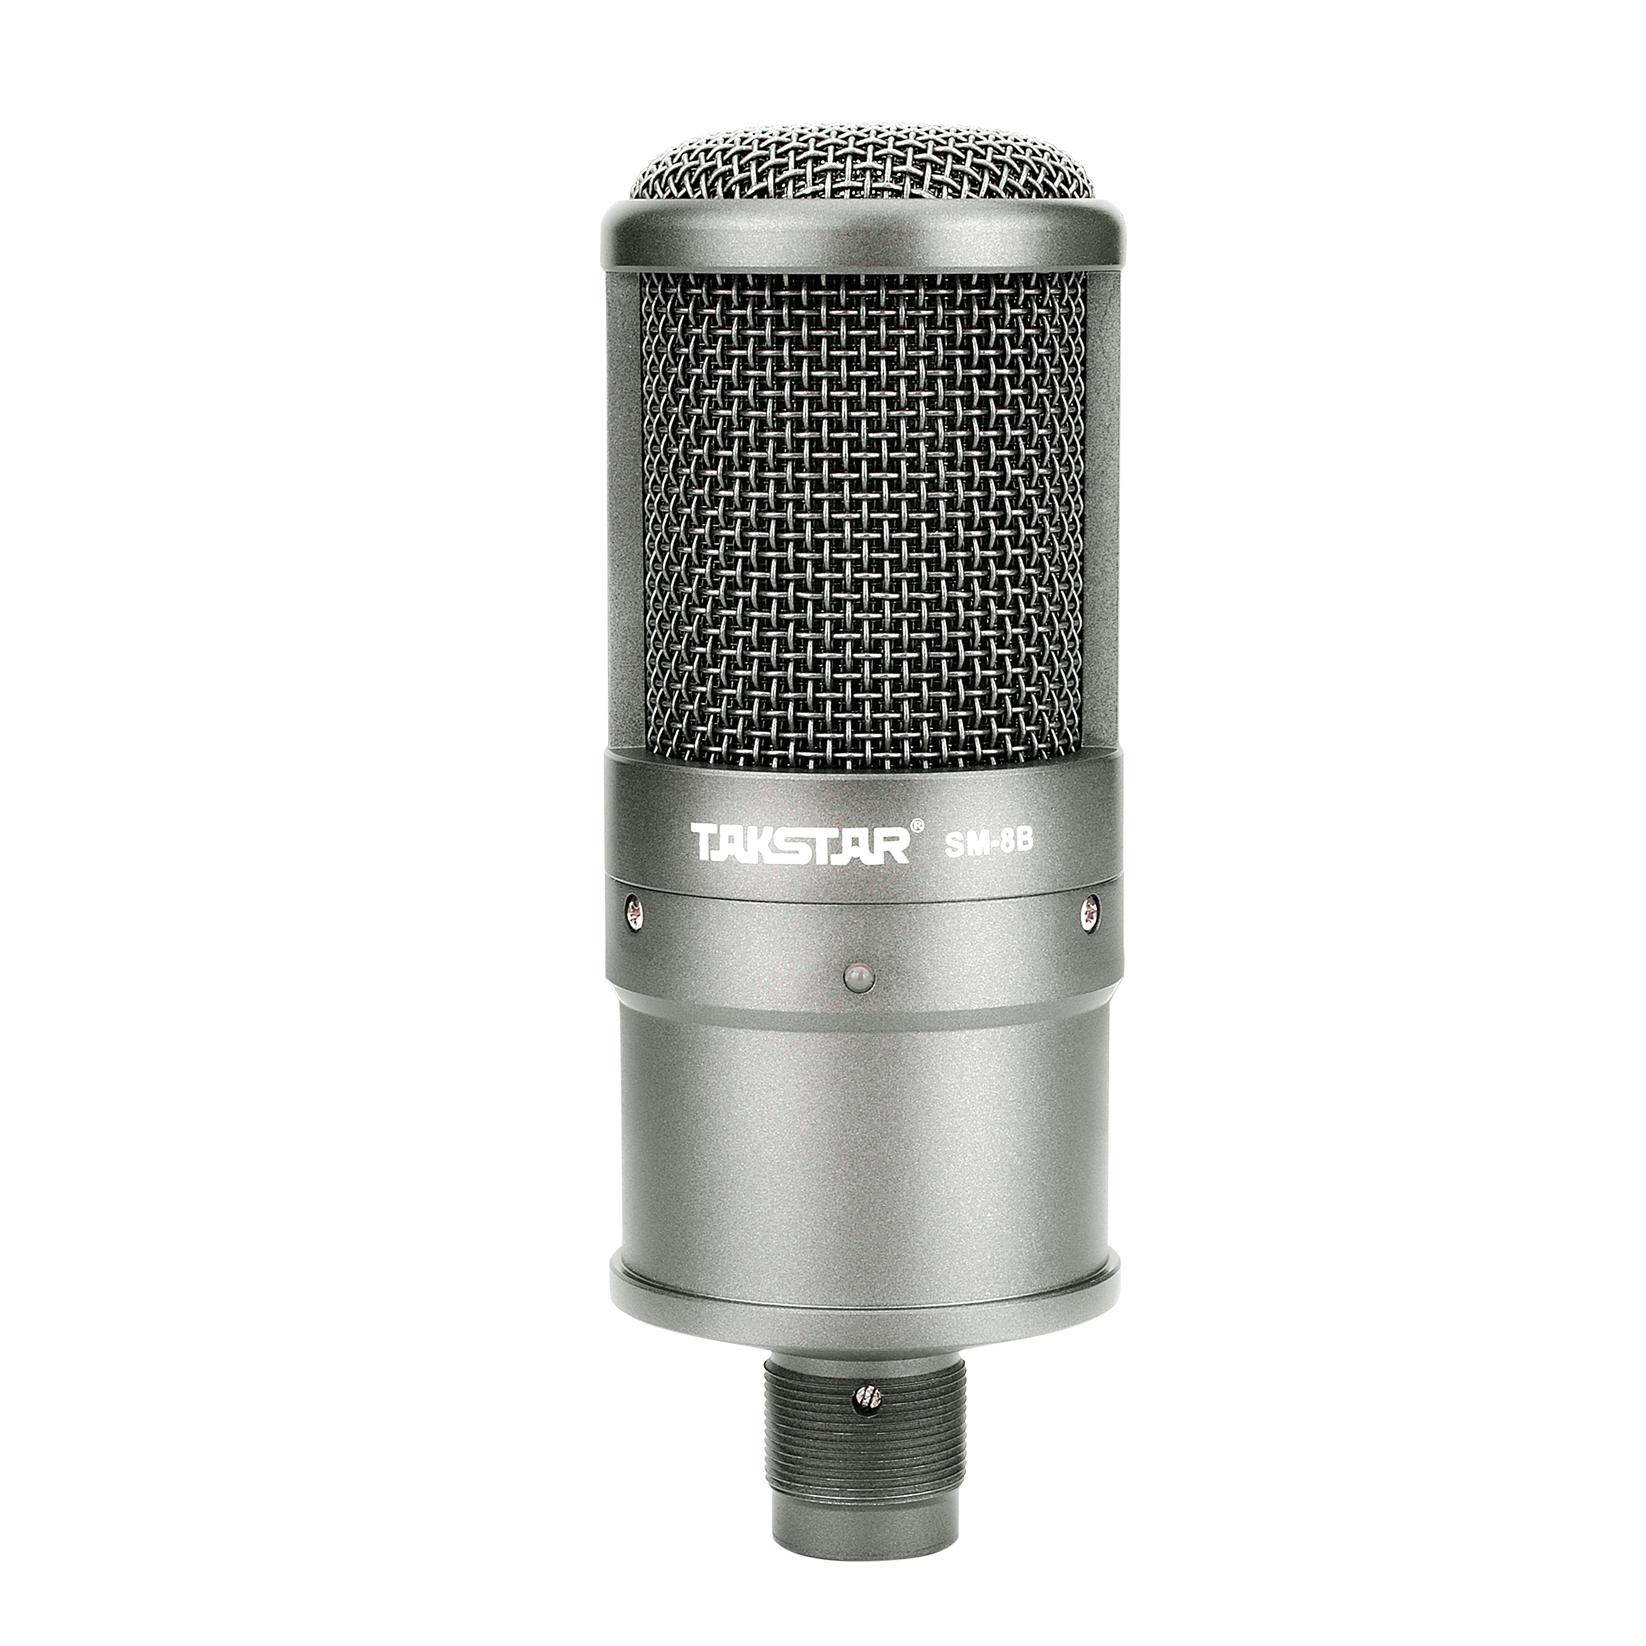 Combo trọn bộ mic thu âm, livestream, hát karaoke online chính hãng Takstar , Micro SM-8B, Icon Upod Nano, Tai nghe Ts-2260 và đầy đủ phụ kiện